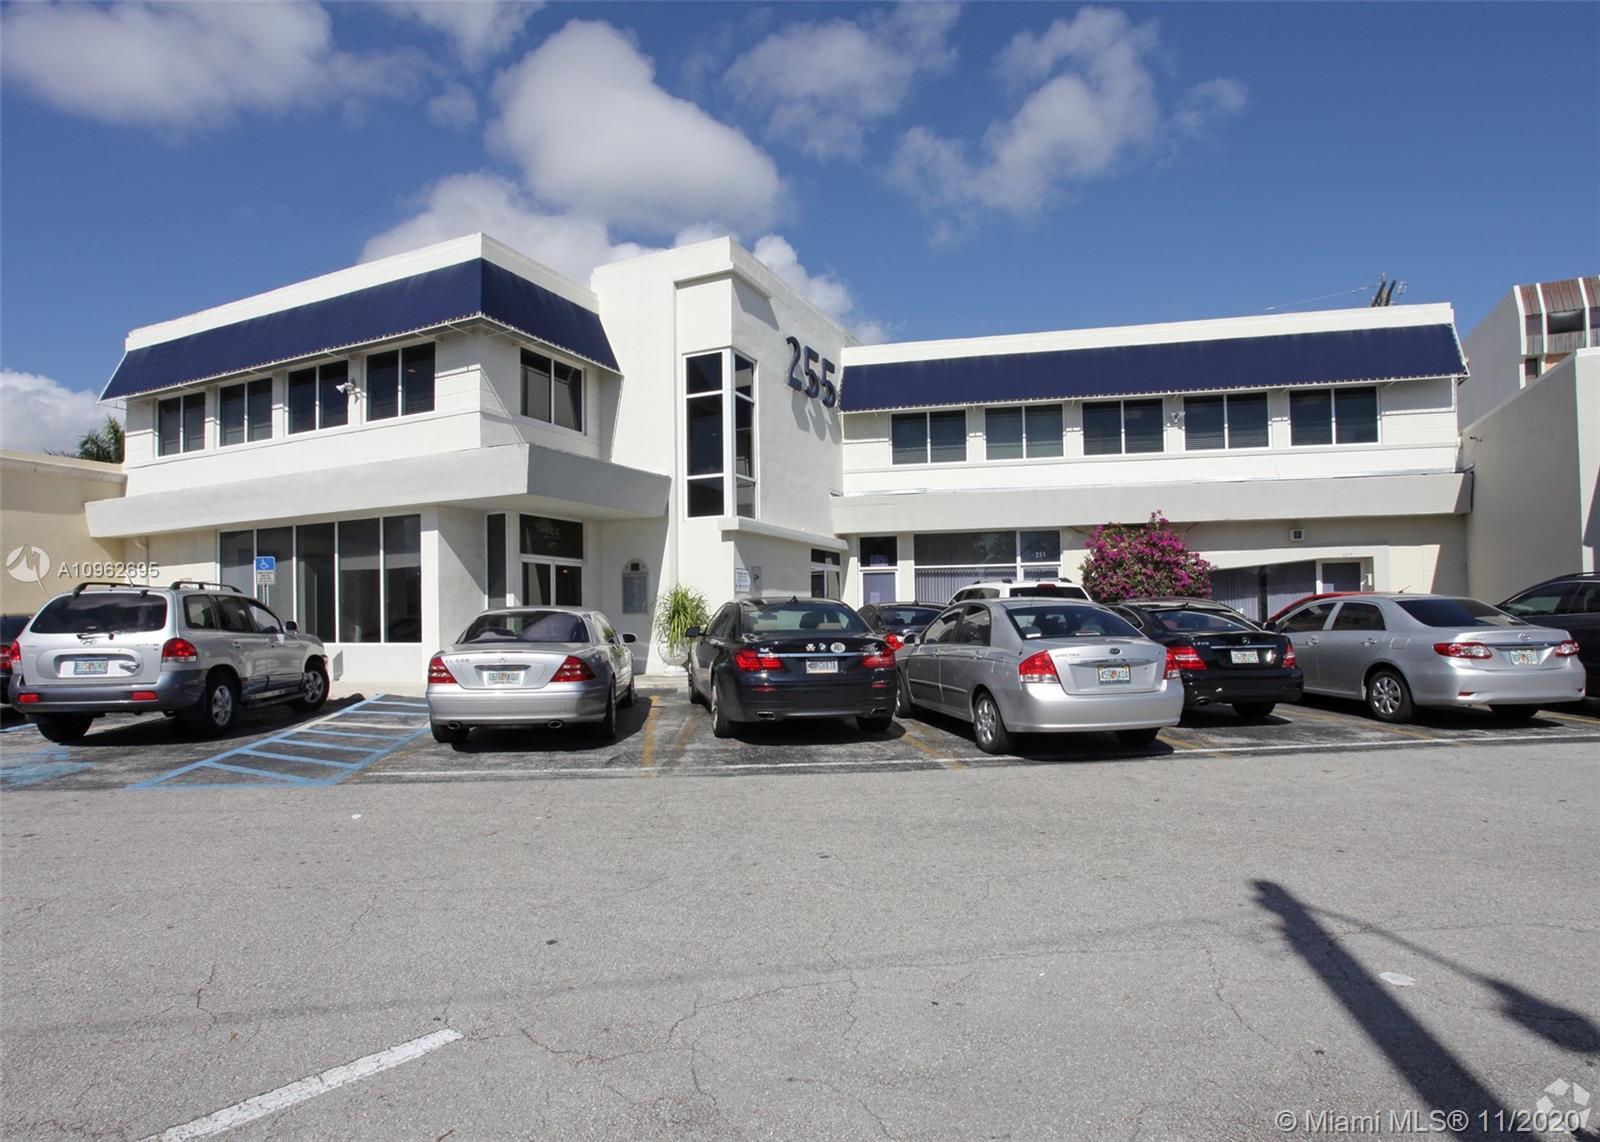 255 University Dr Property Photo